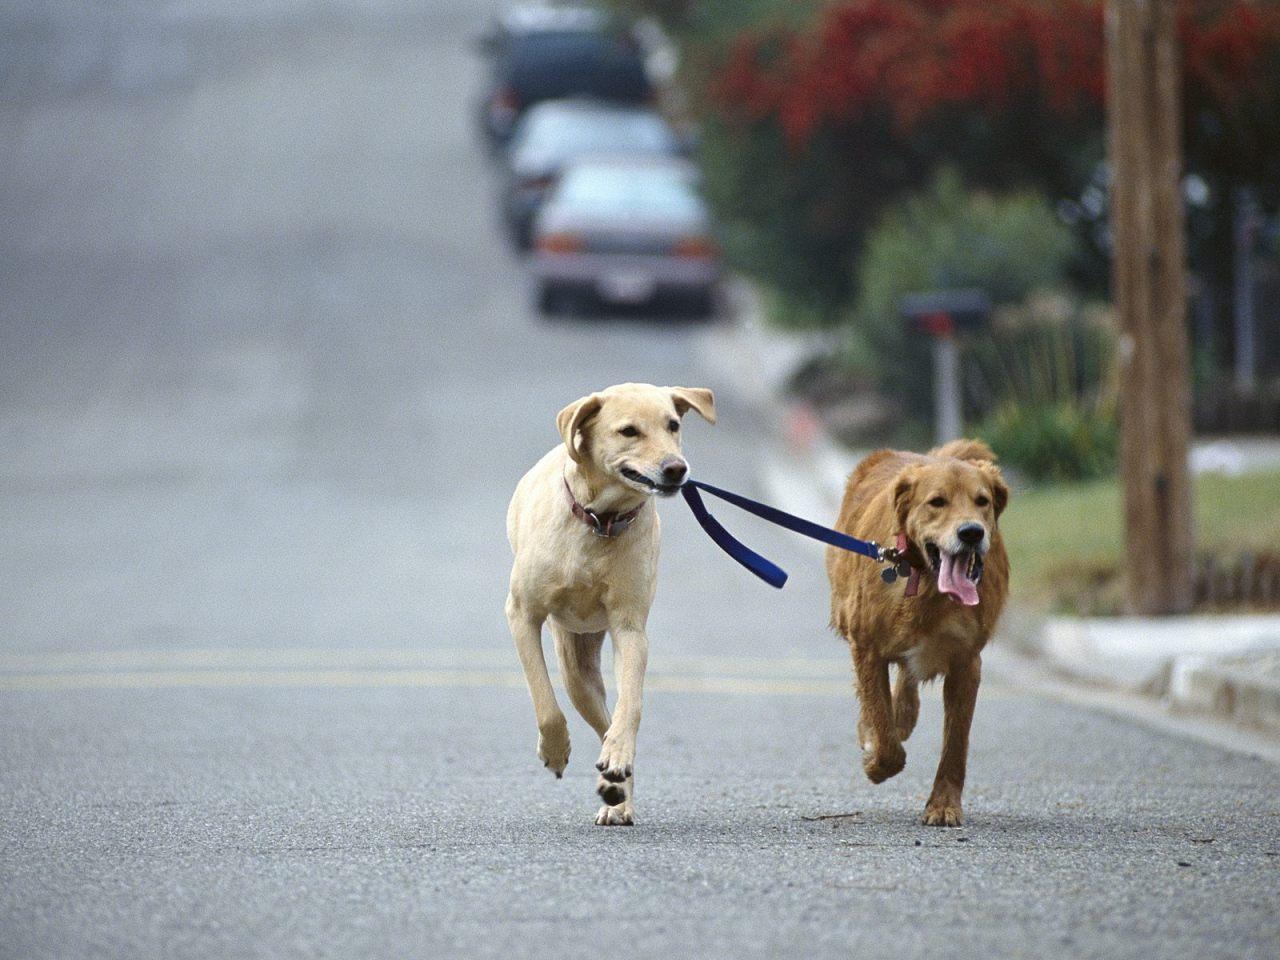 Blízká setkání s volně pobíhajícím psem